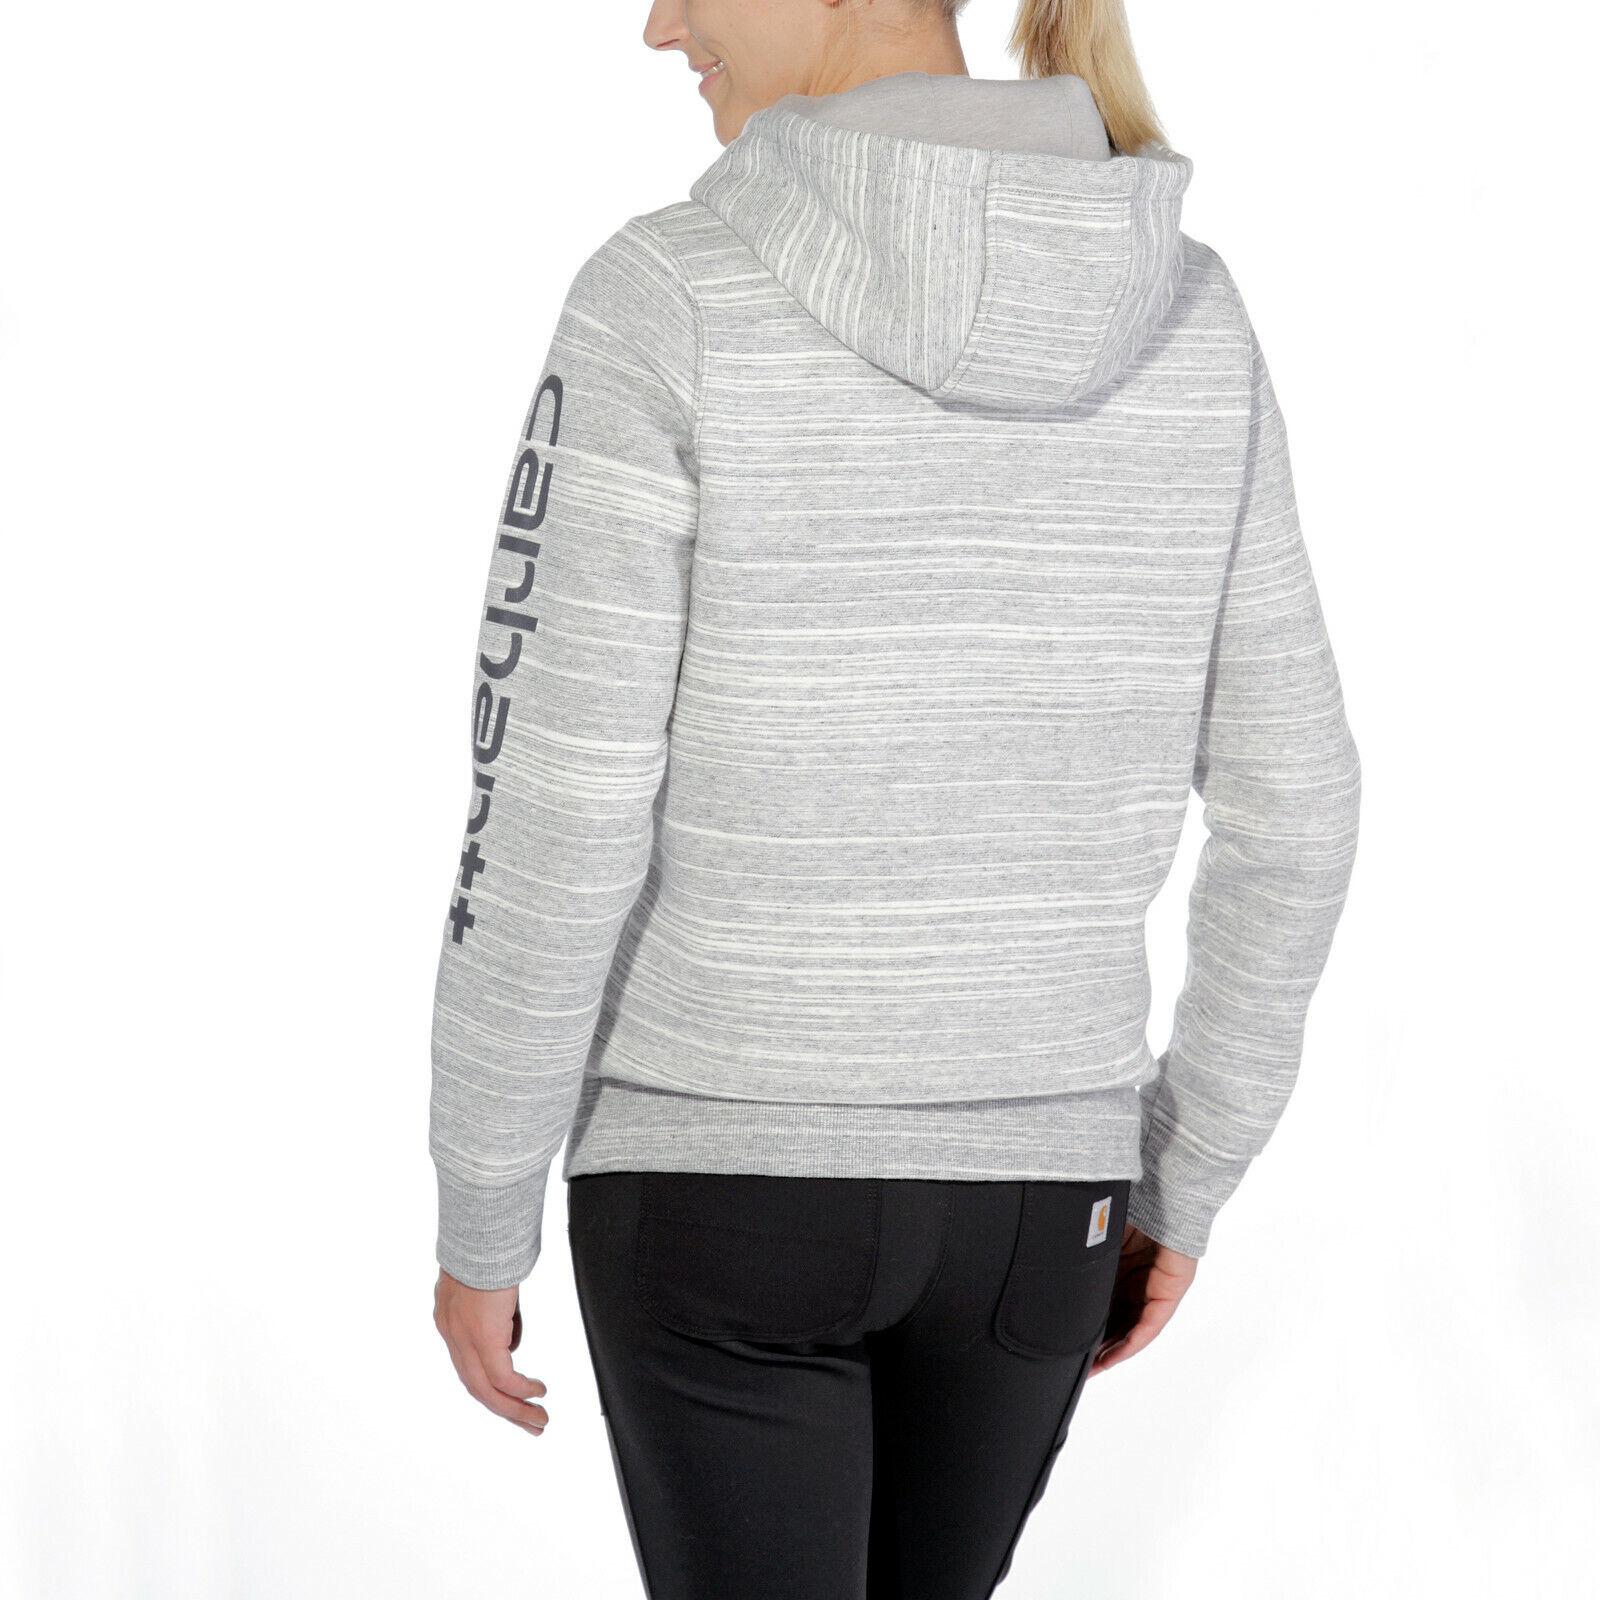 Carhartt Clarksburg Sleeve Logo Hooded Sweatshirt   Hoody     Kapu   Ltd. Edition 5dd8b7